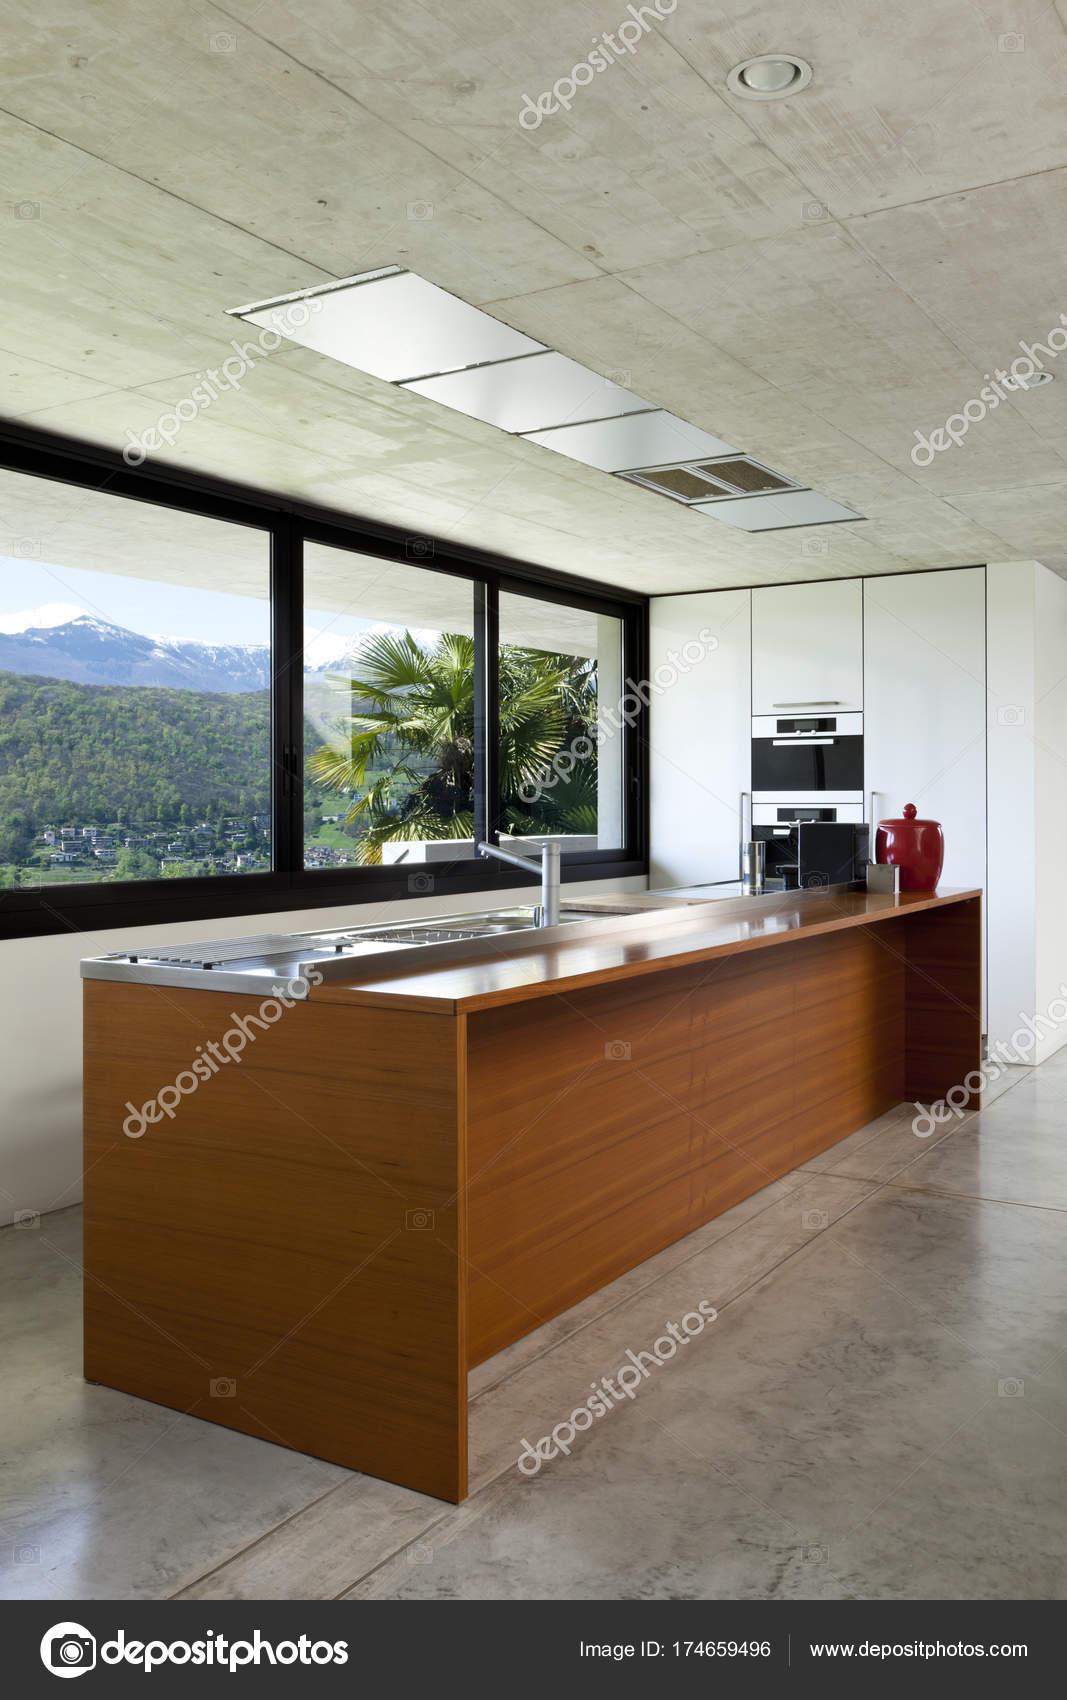 Bellissima casa moderna cemento interni legno cucina isola for Interni casa moderna